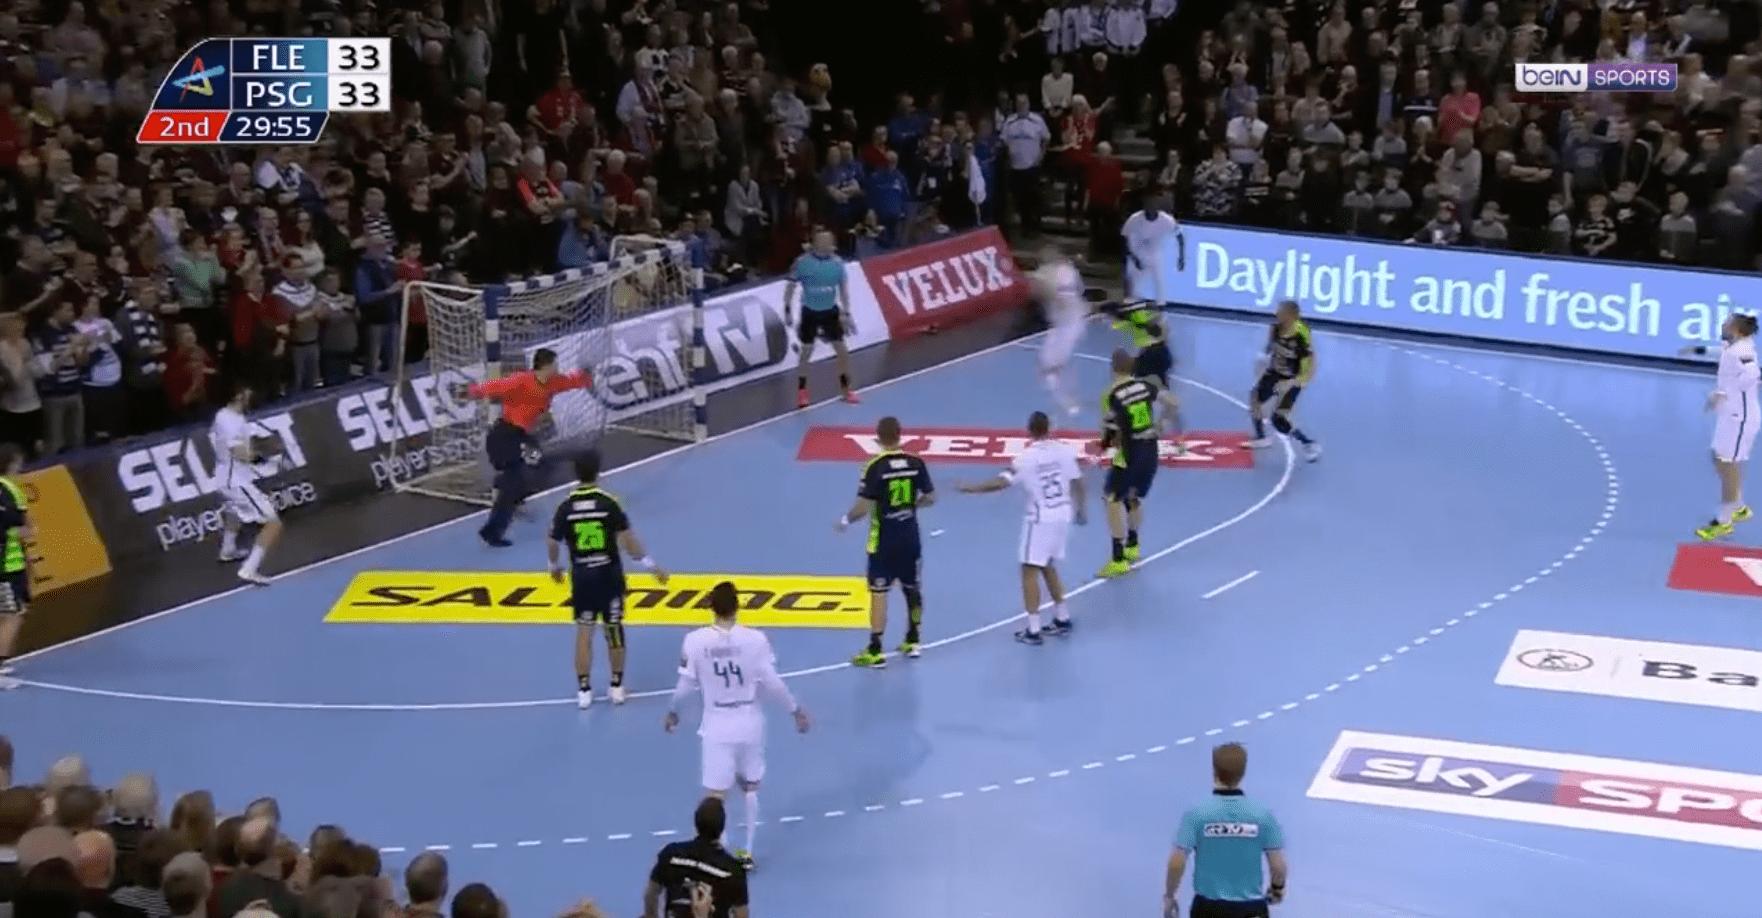 Ligue des Champions - Le PSG s'impose à Flensburg sur un kung-fu à 3s de la fin